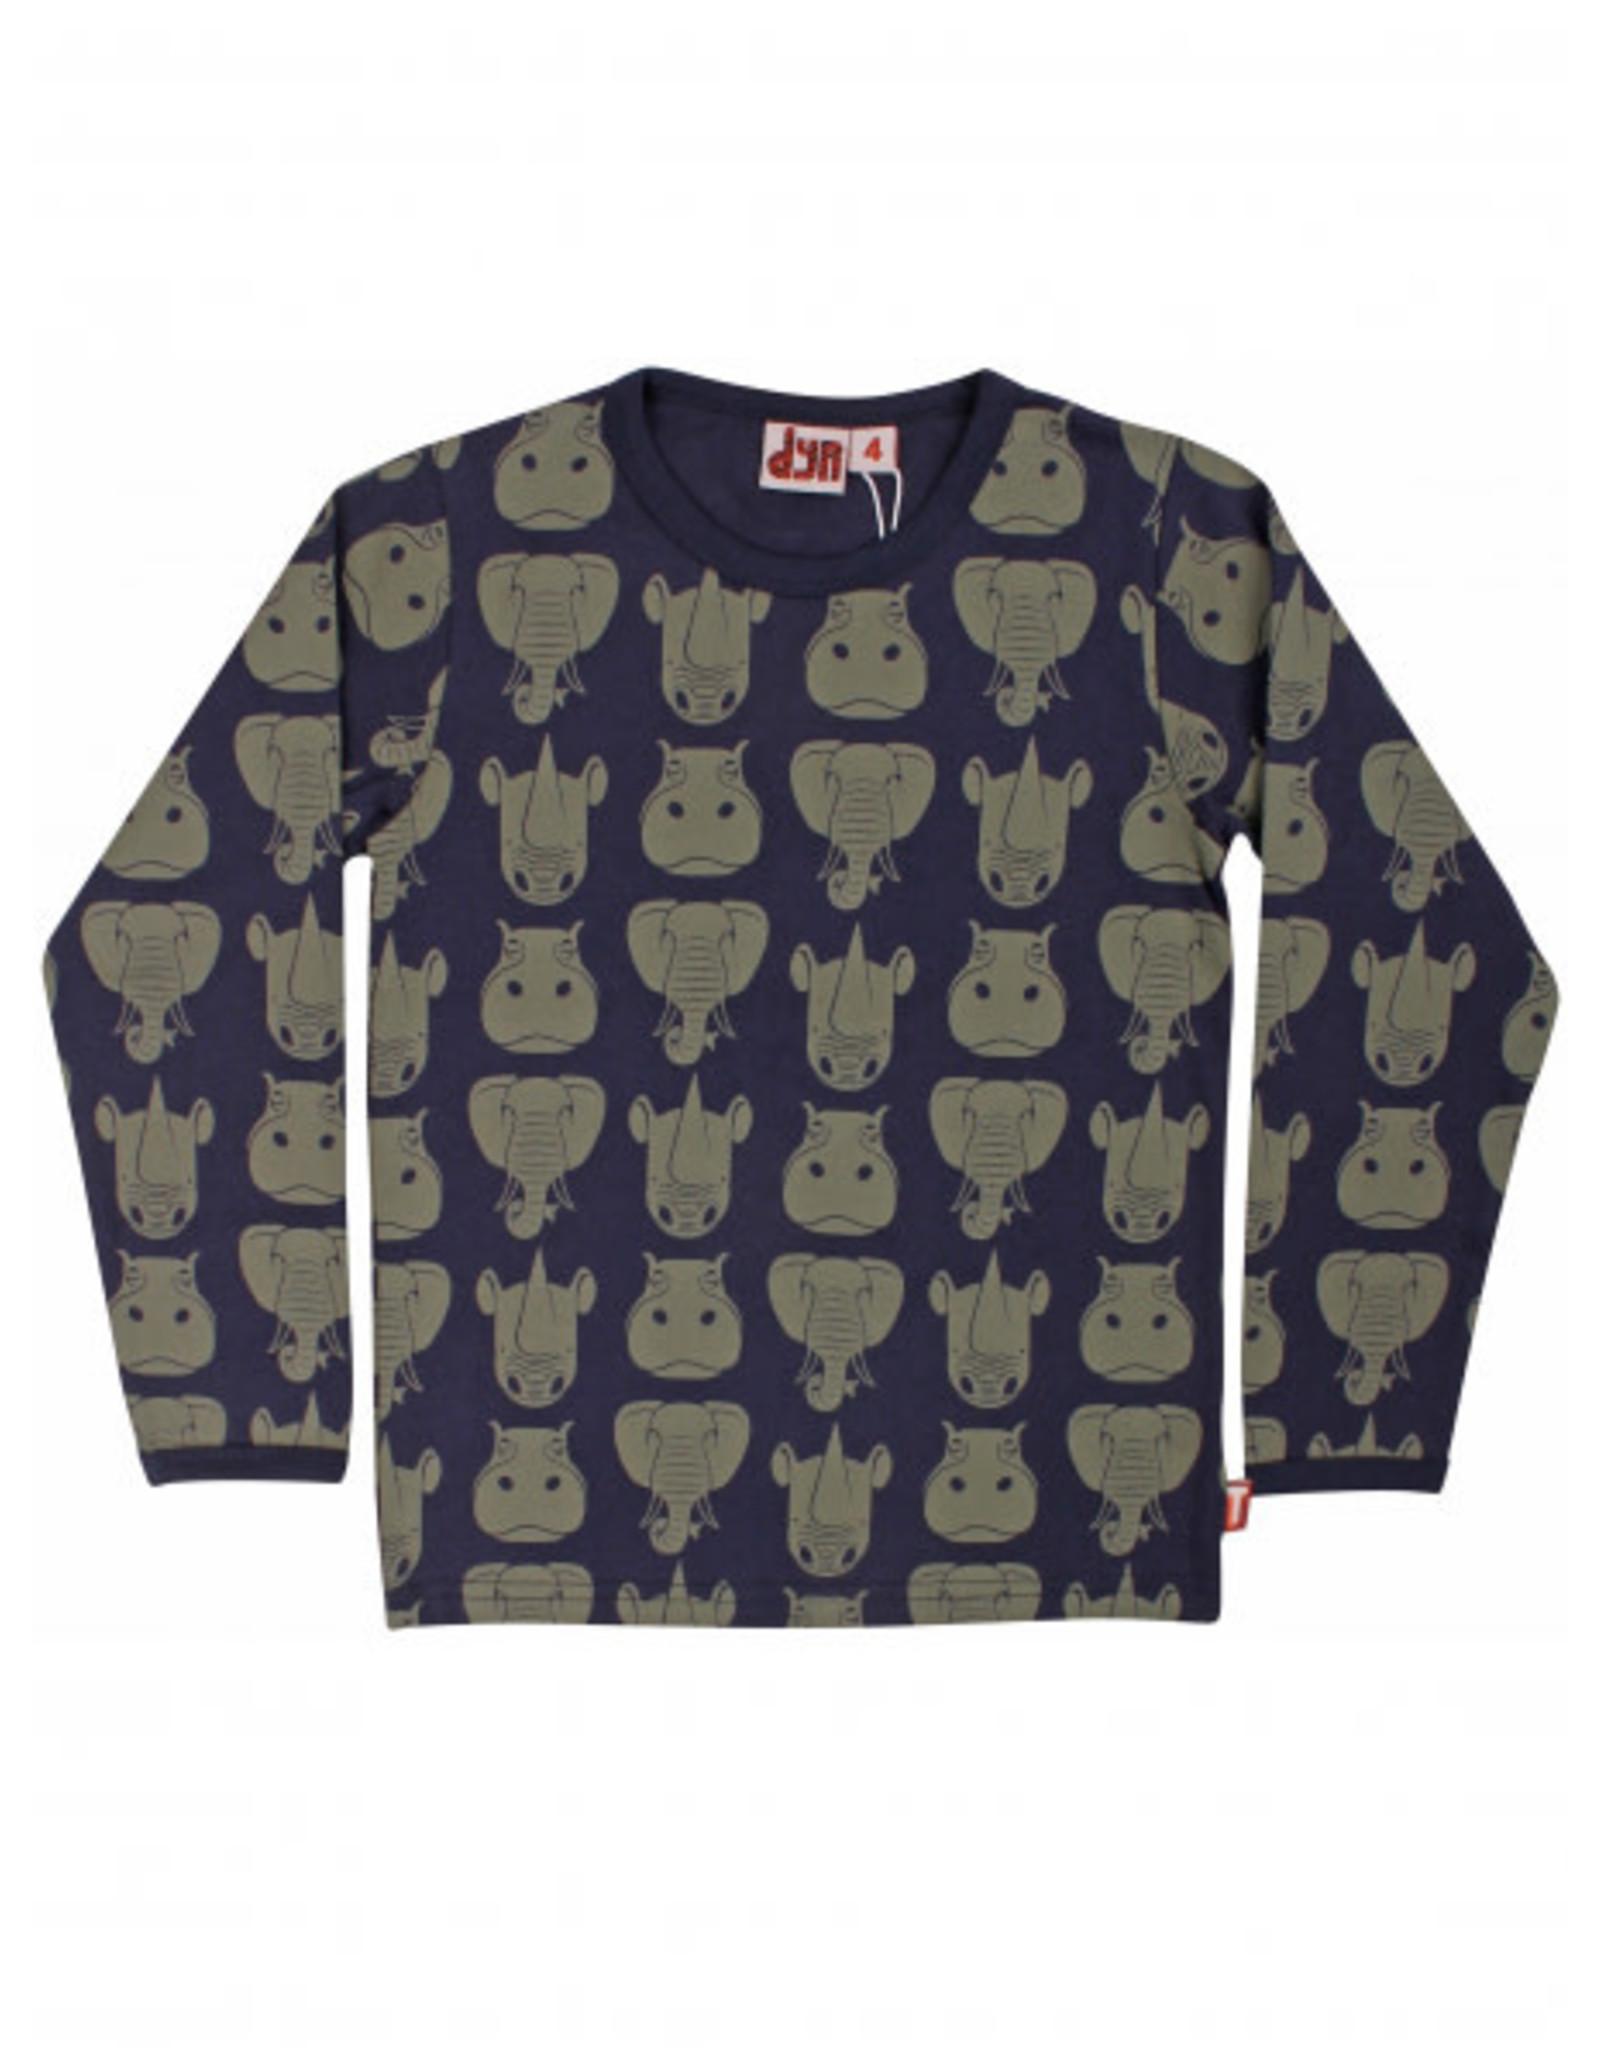 Dyr T-shirt met lange mouwen en safari dieren print